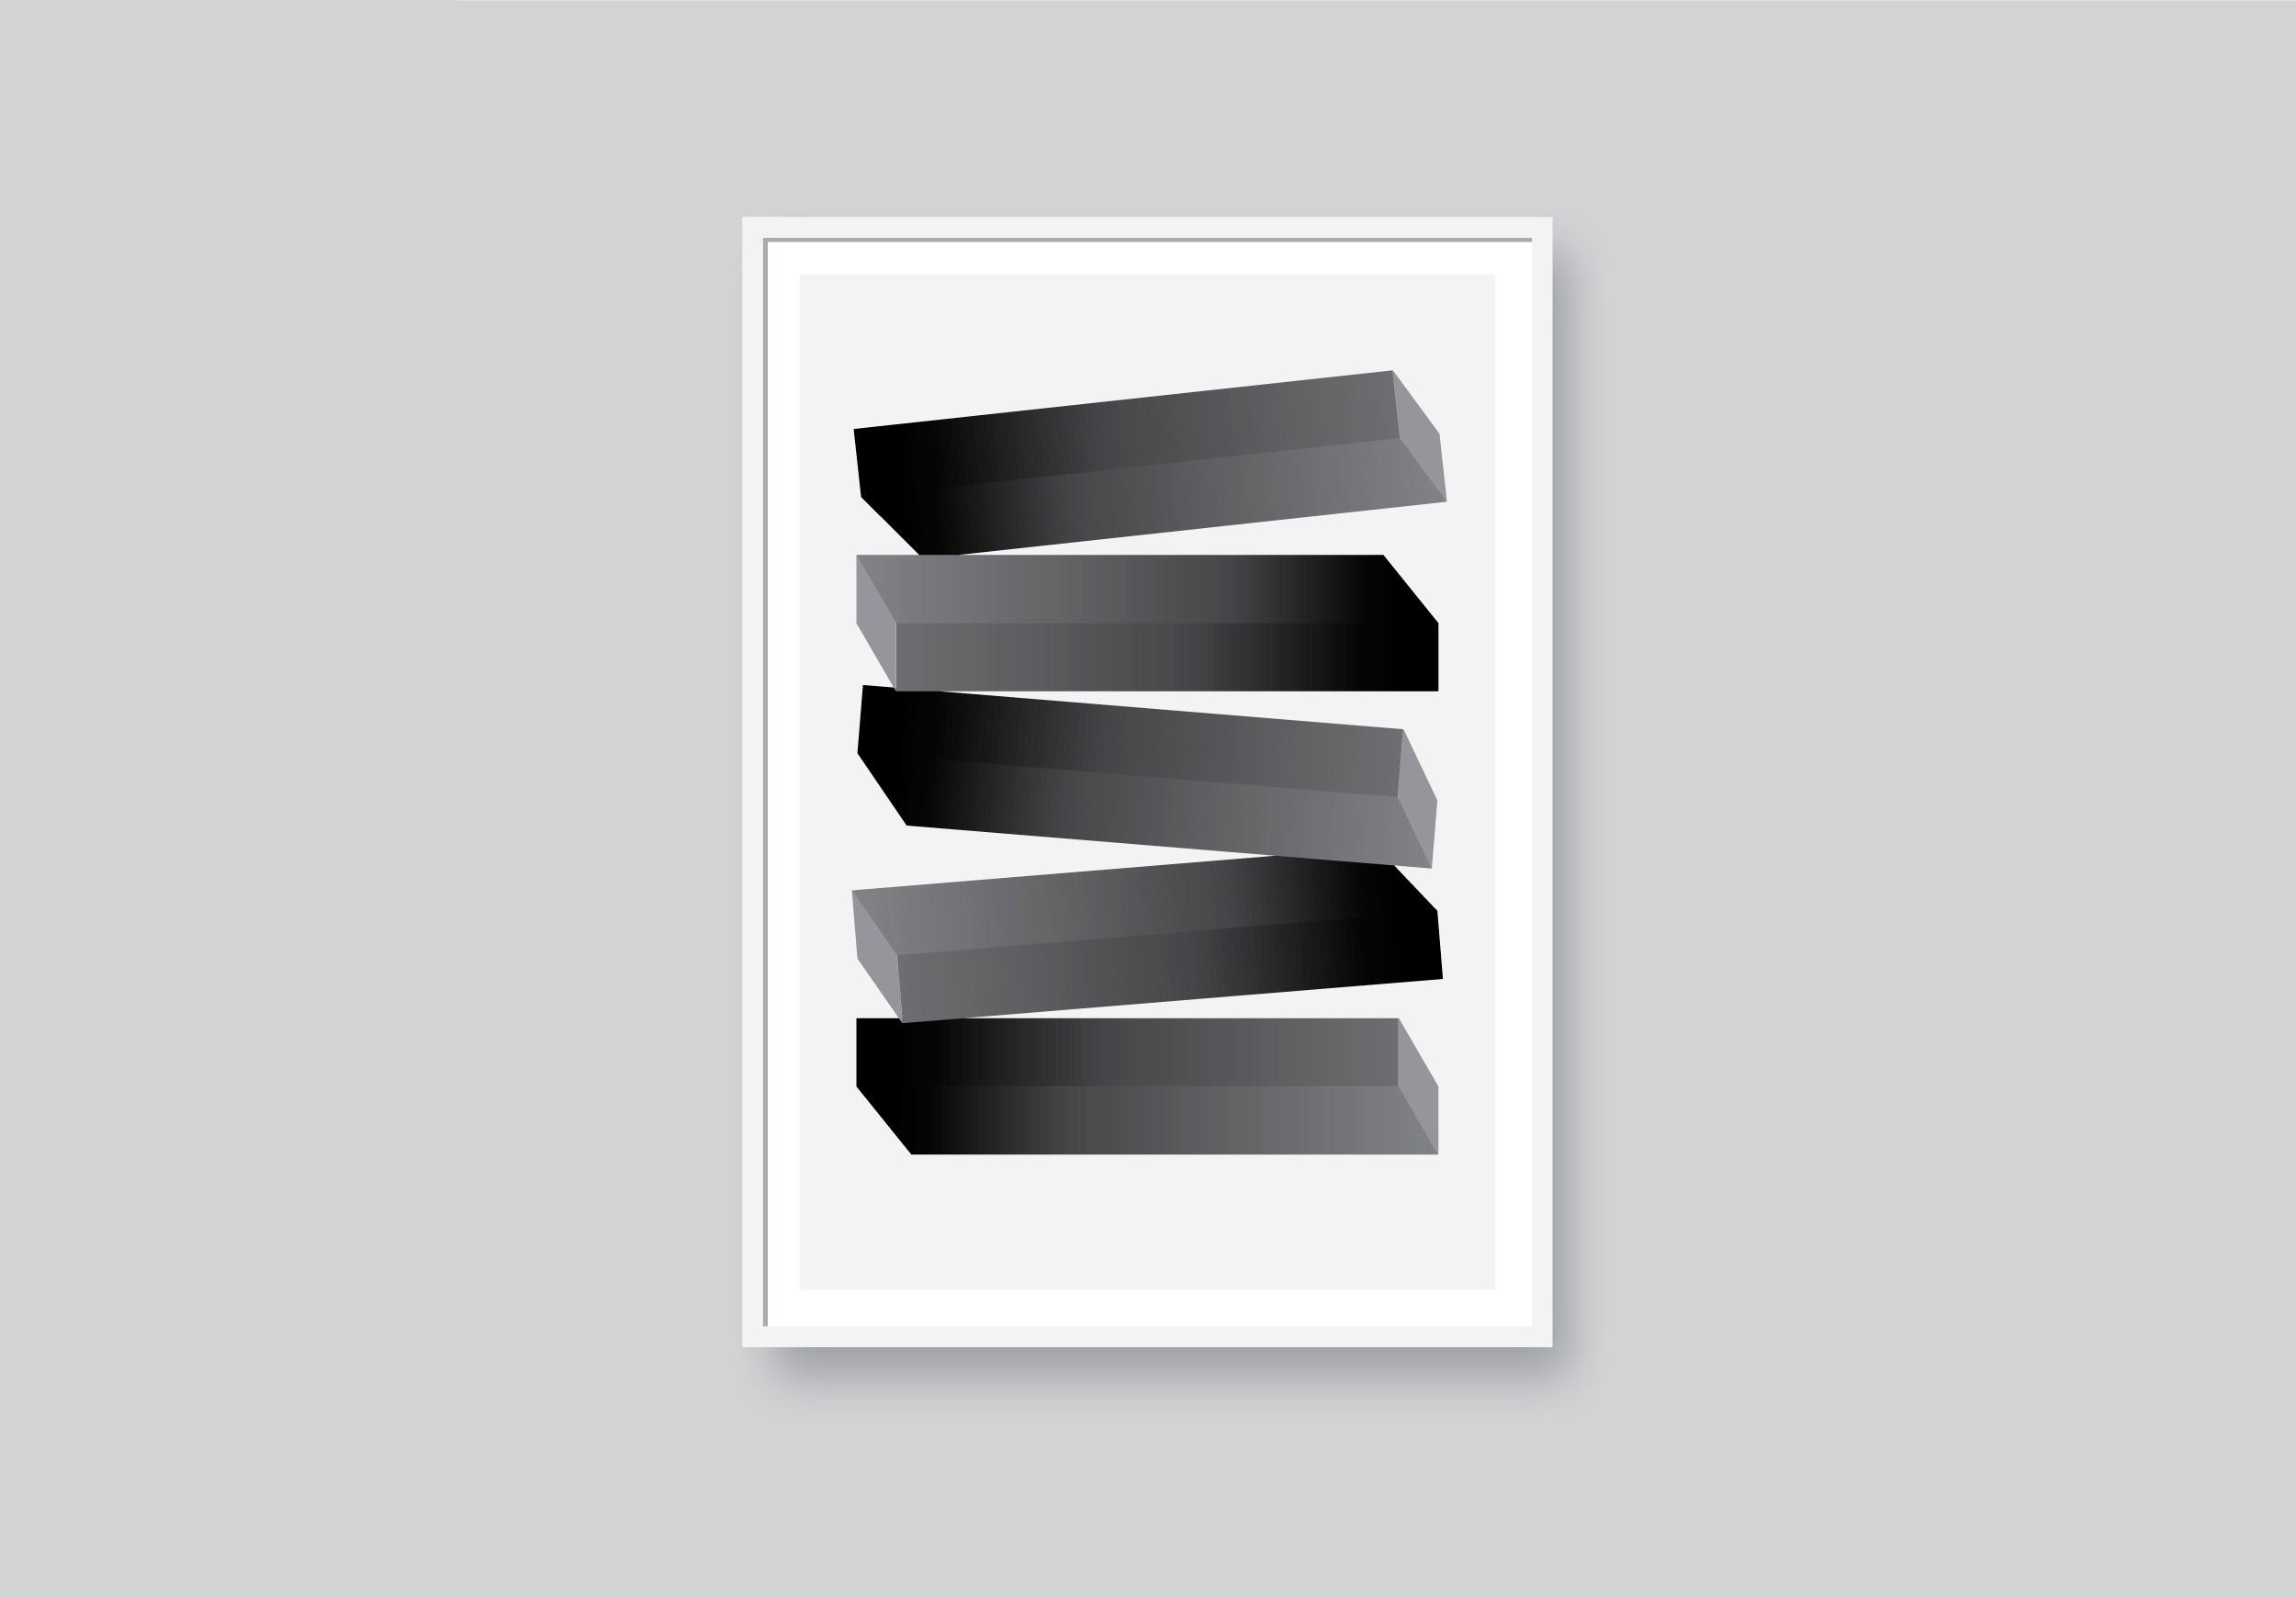 Diagonales - Cómpralo individual